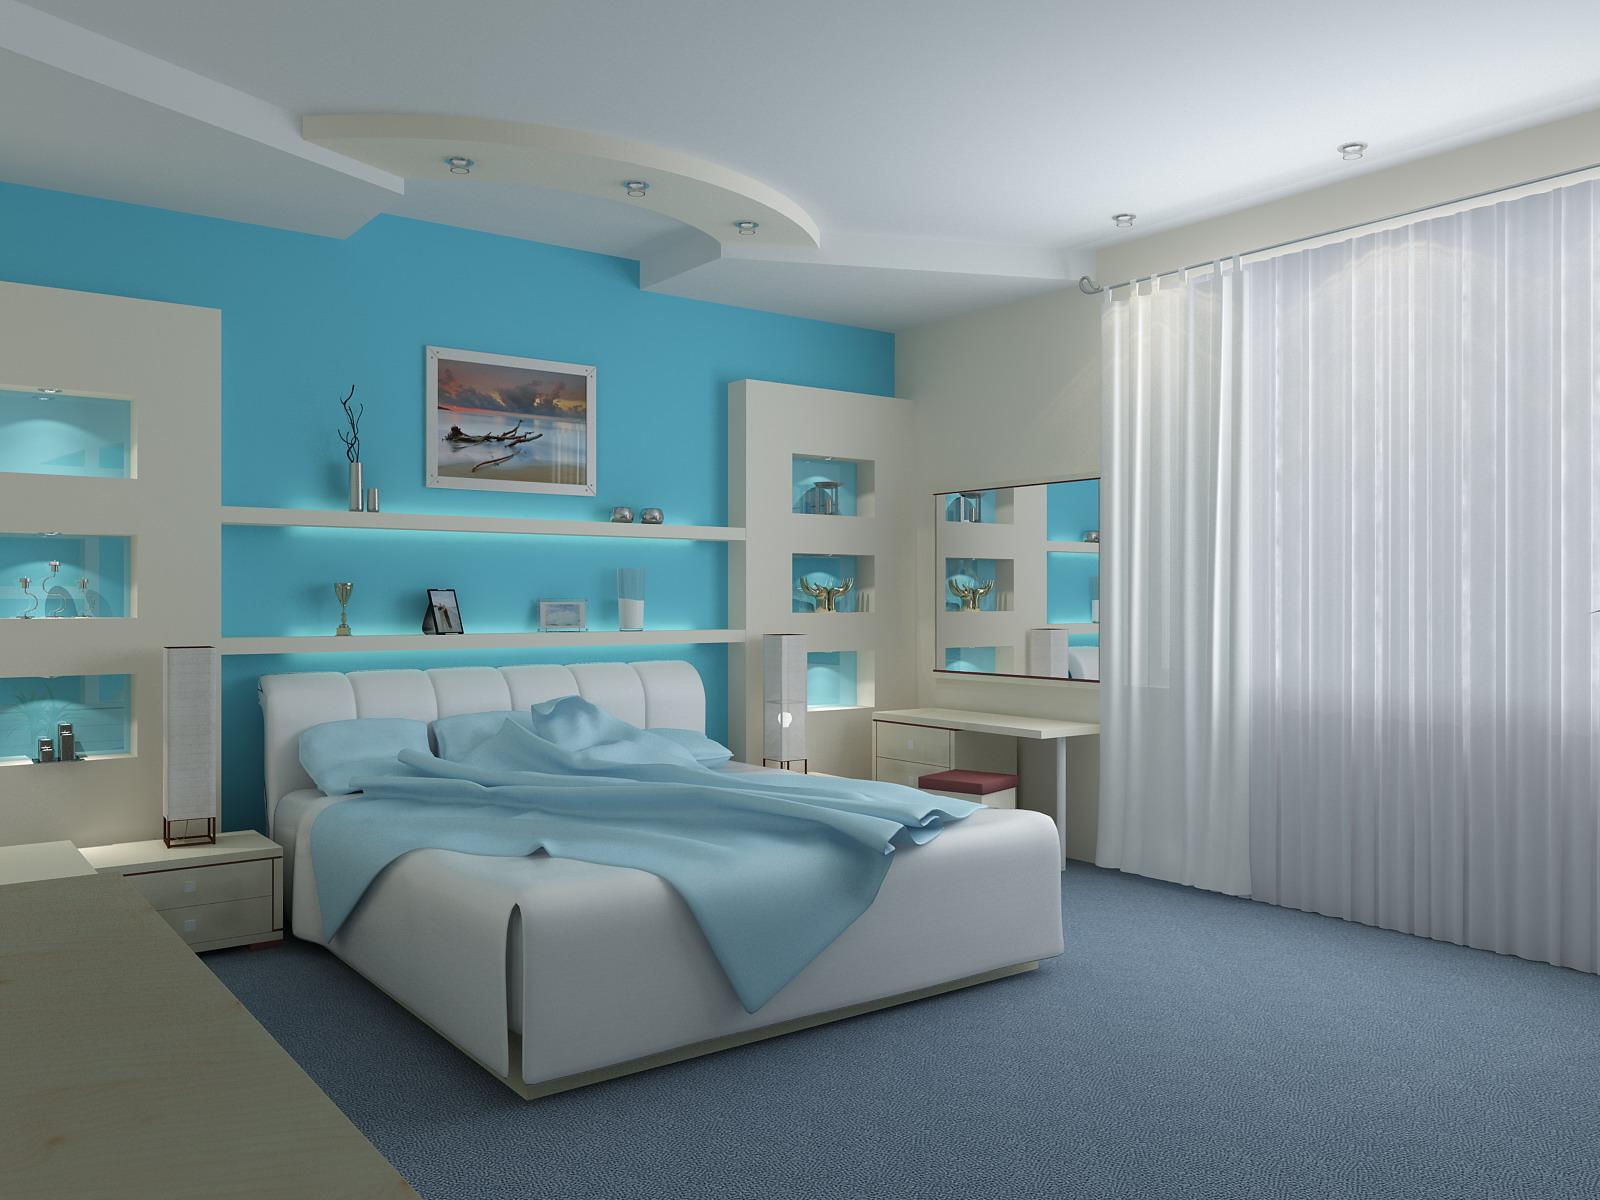 Blue Bedrooms For Kids - Bellisima